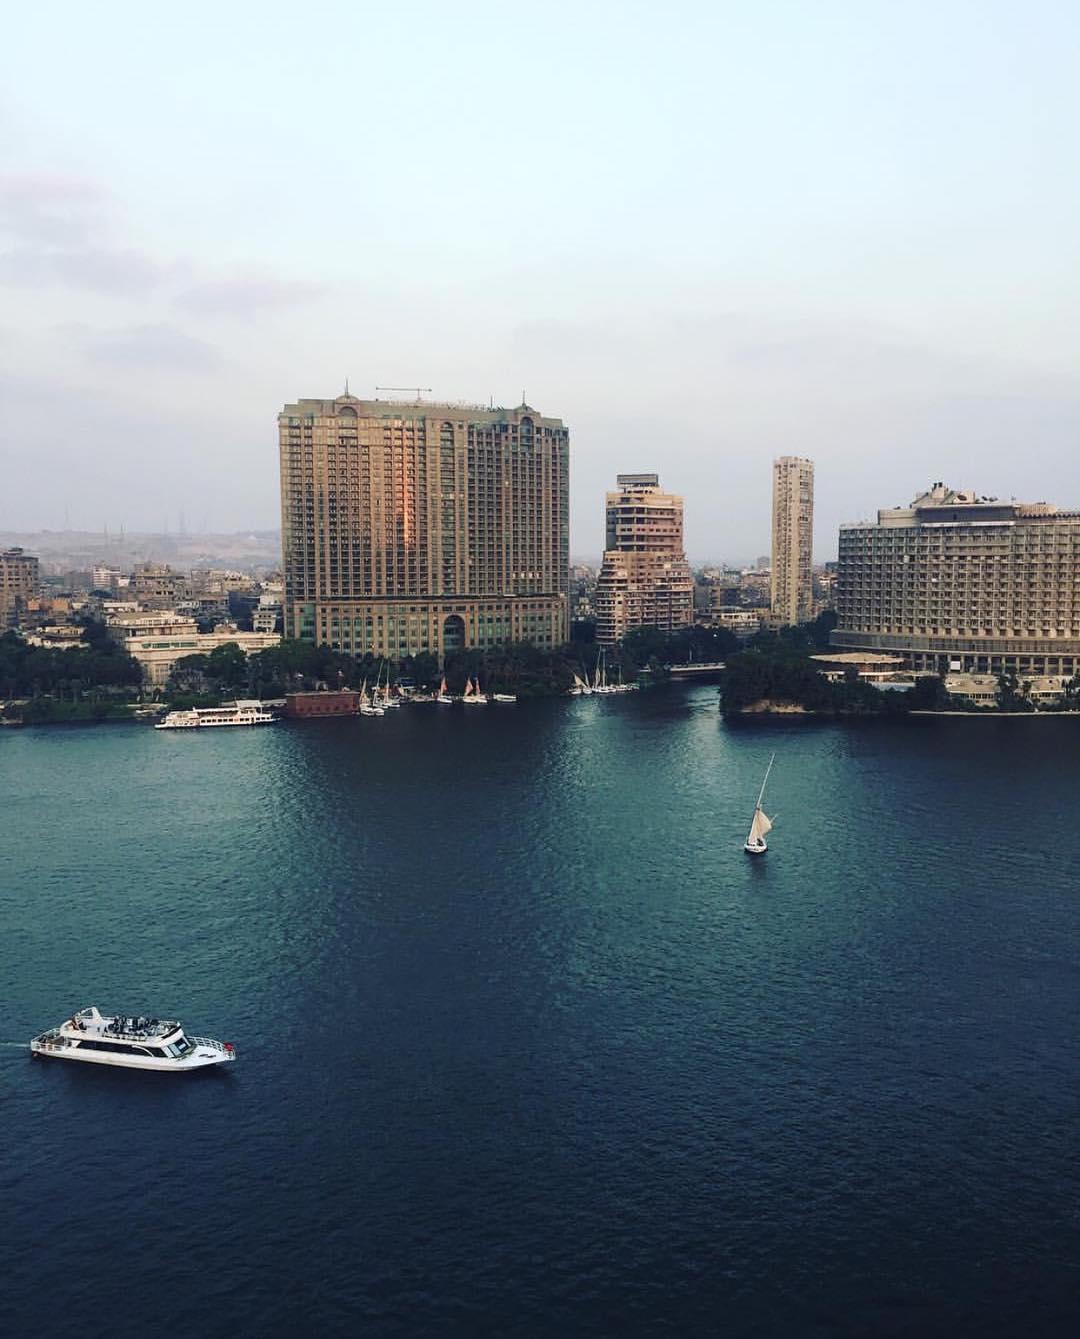 Nile, Cairo